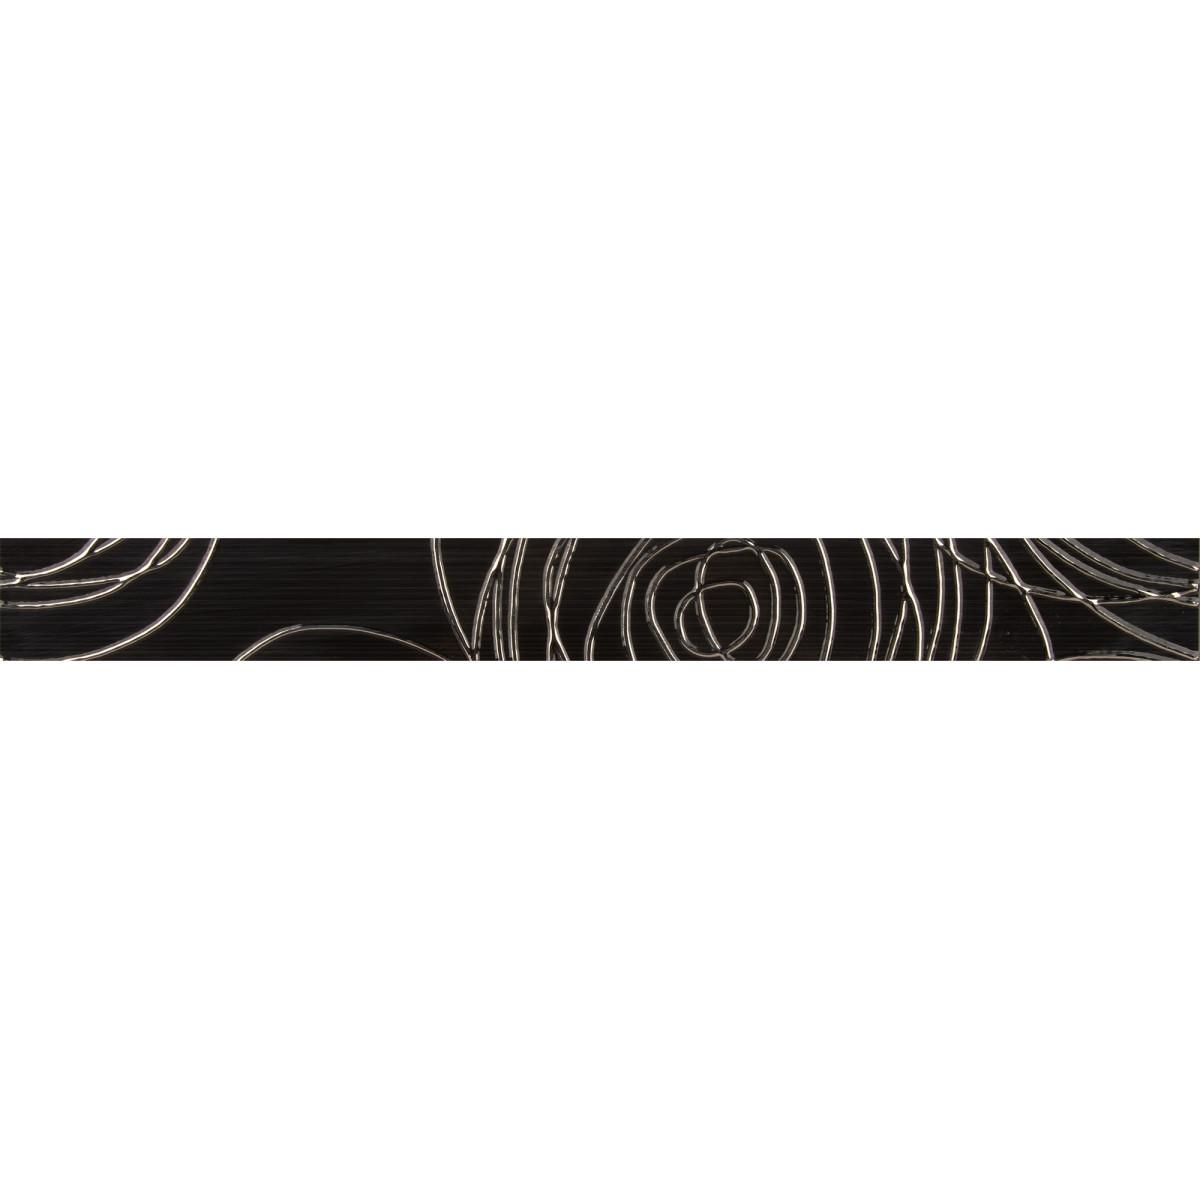 Бордюр «Ночь» 5.4х50 см цвет черный